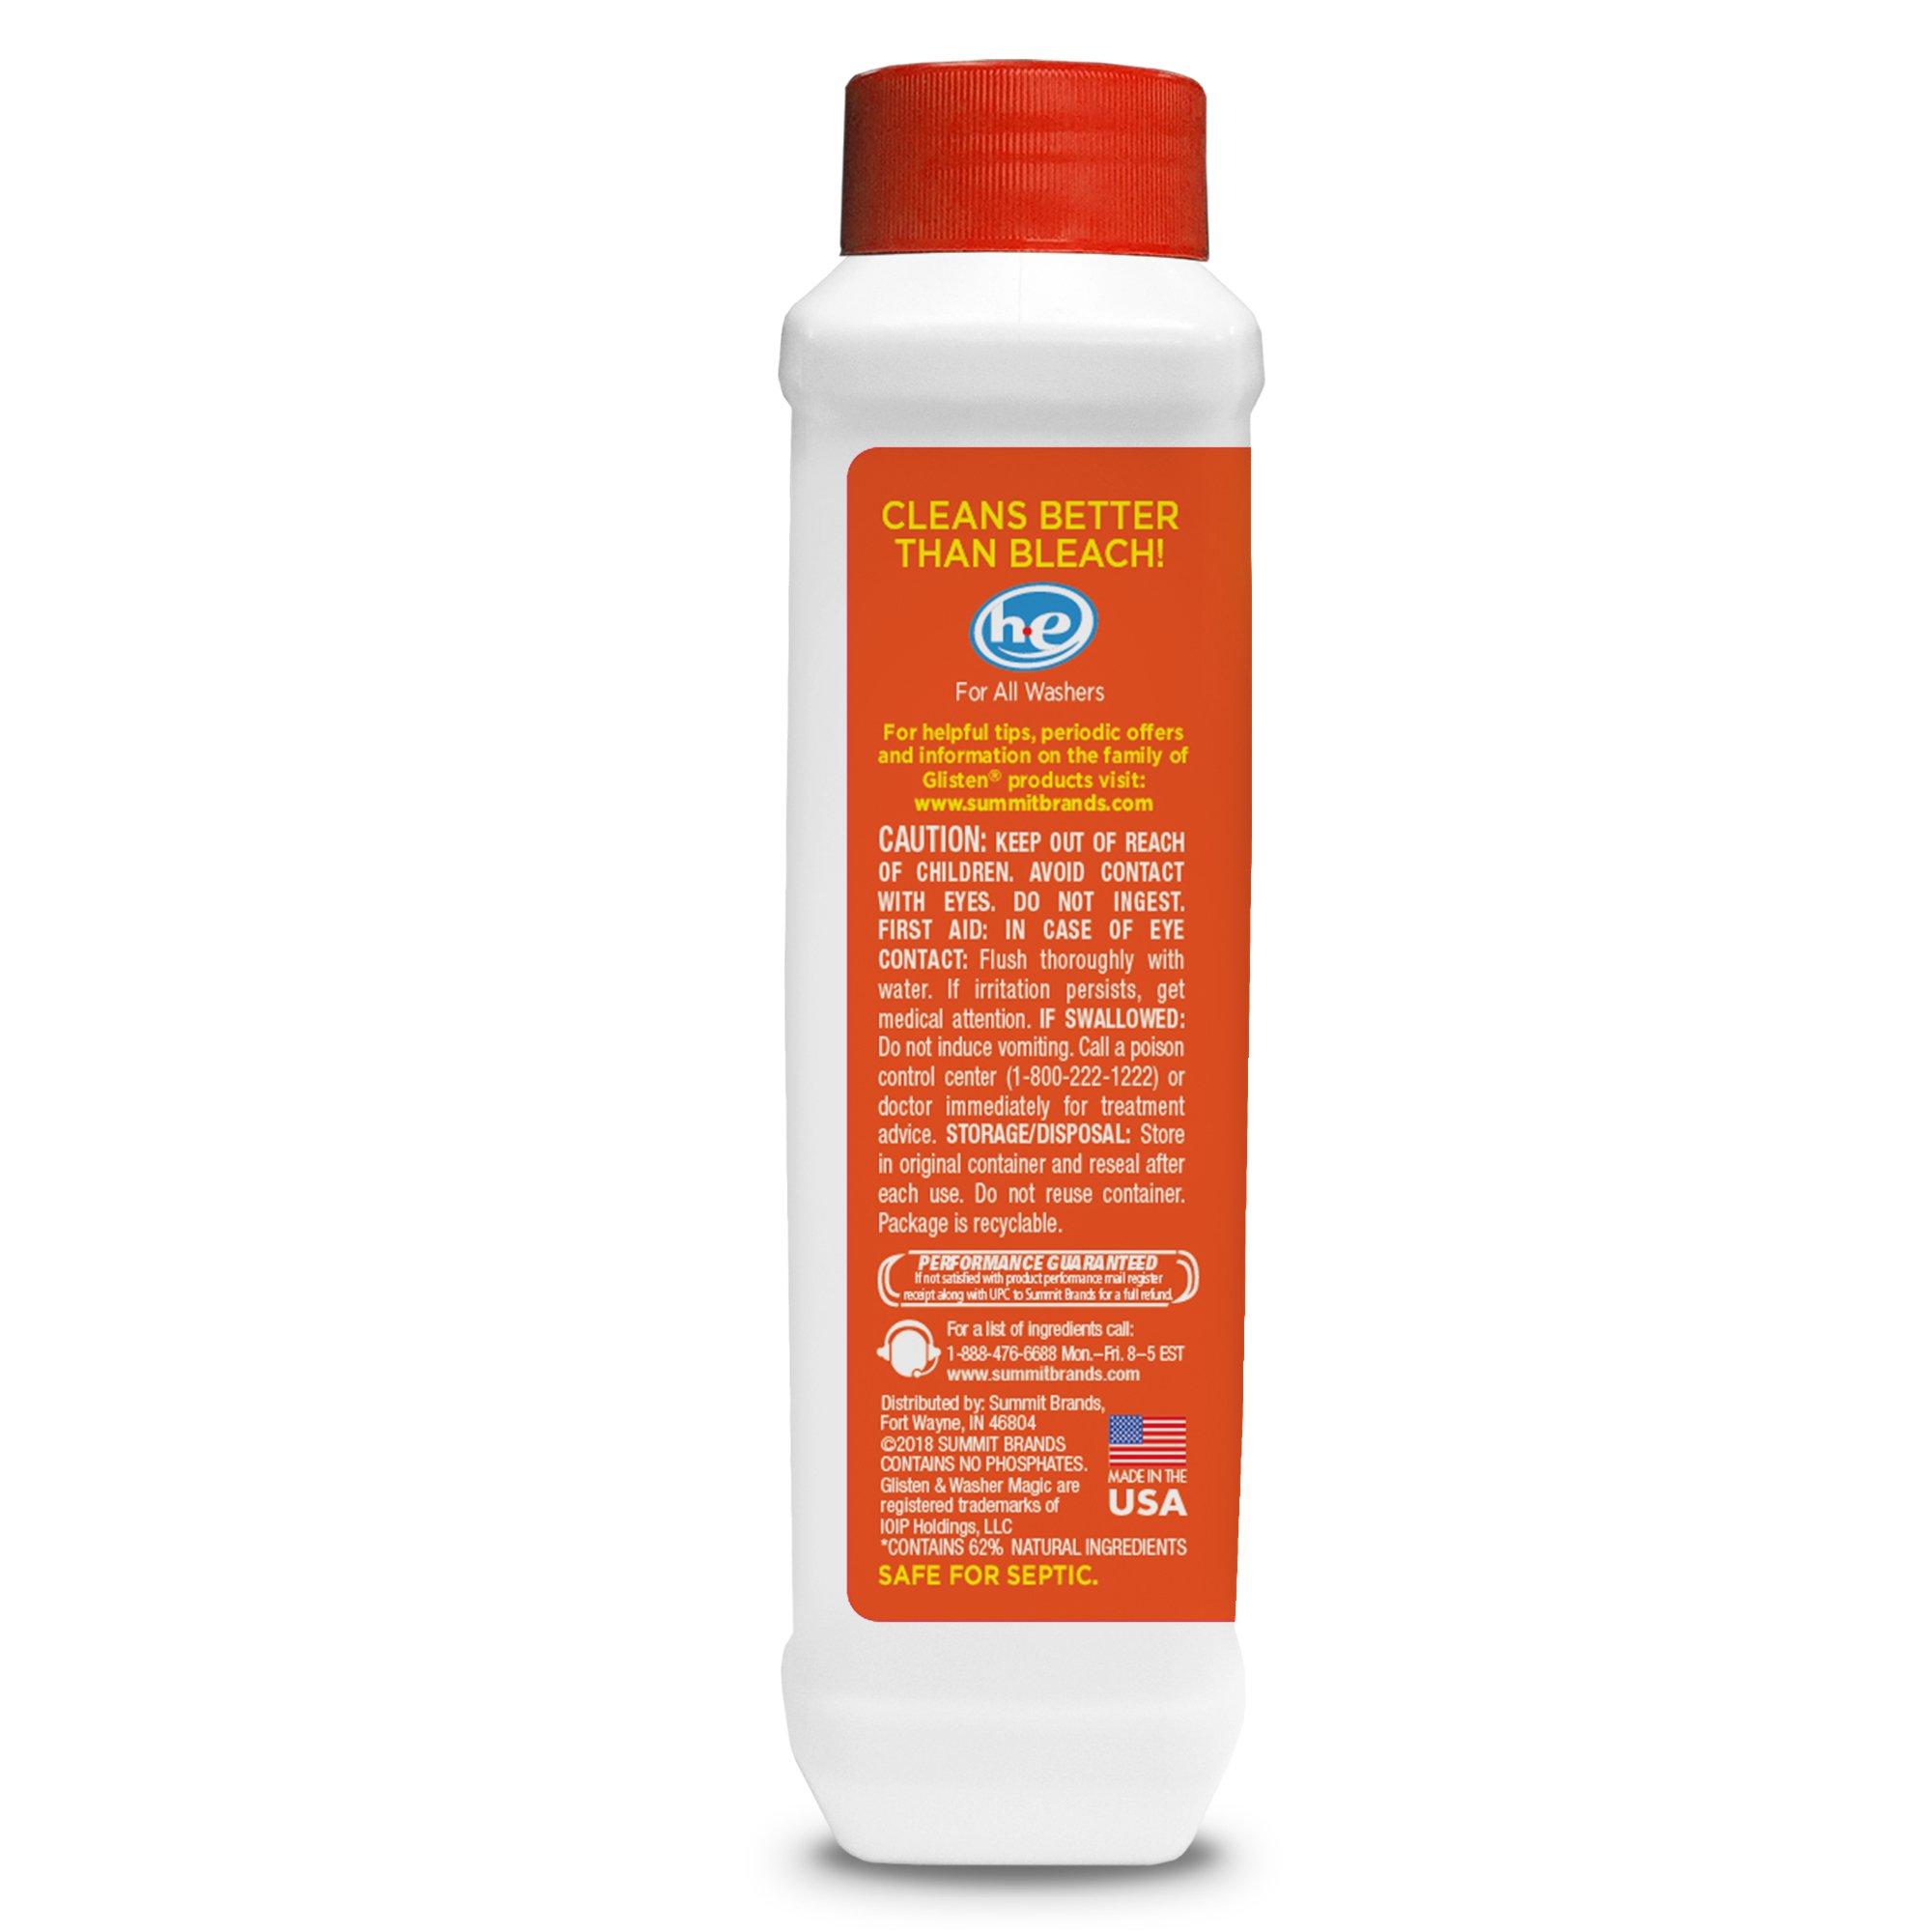 Glisten Washer Magic Washing Machine Cleaner & Deodorizer, 12 Fl. Oz. Bottle, 12 Pack by Glisten (Image #3)